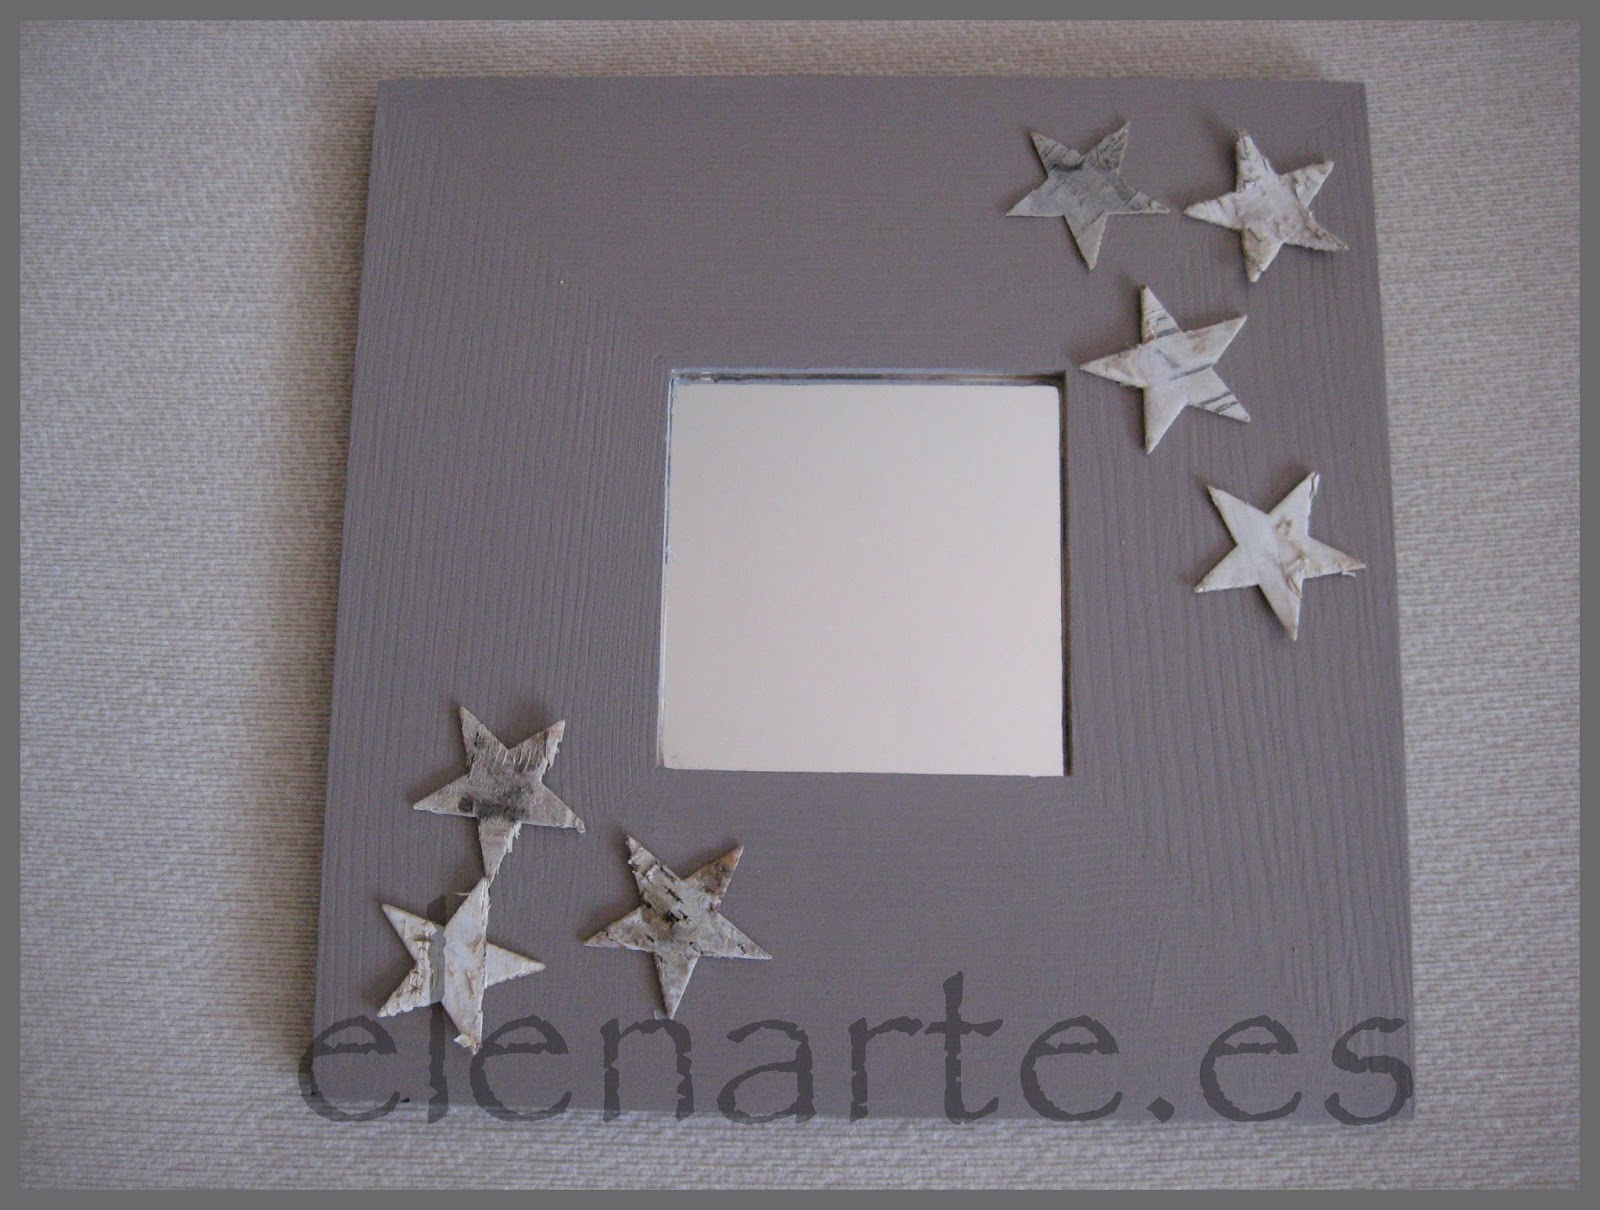 espejo malma de ikea pintado en tonos grises y decorado con estrellas de corteza de rbol es el malma ms rstico que hemos realizado hasta ahora